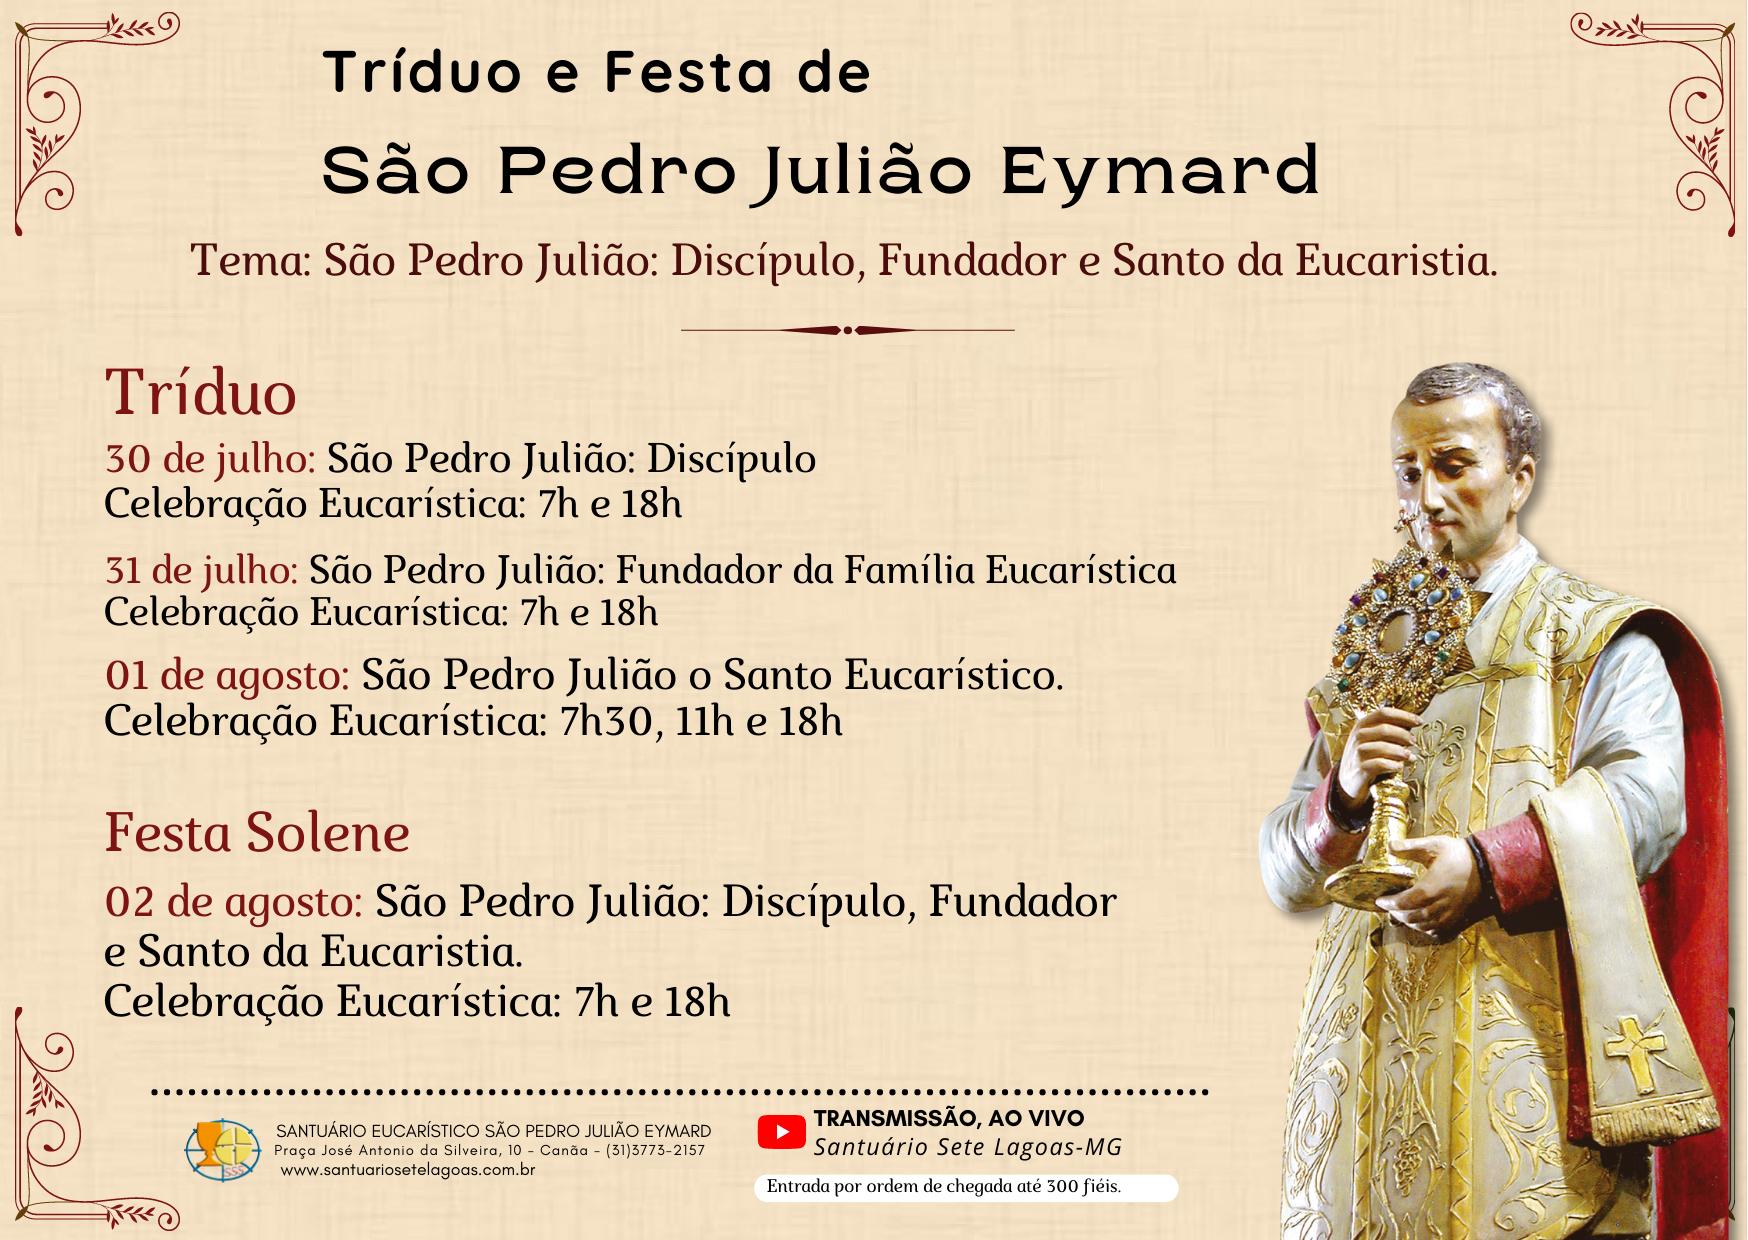 Tríduo e Festa de São Pedro Julião Eymard de 30/07 a 02/08 no Santuário São Pedro Julião Eymard – Sete Lagoas